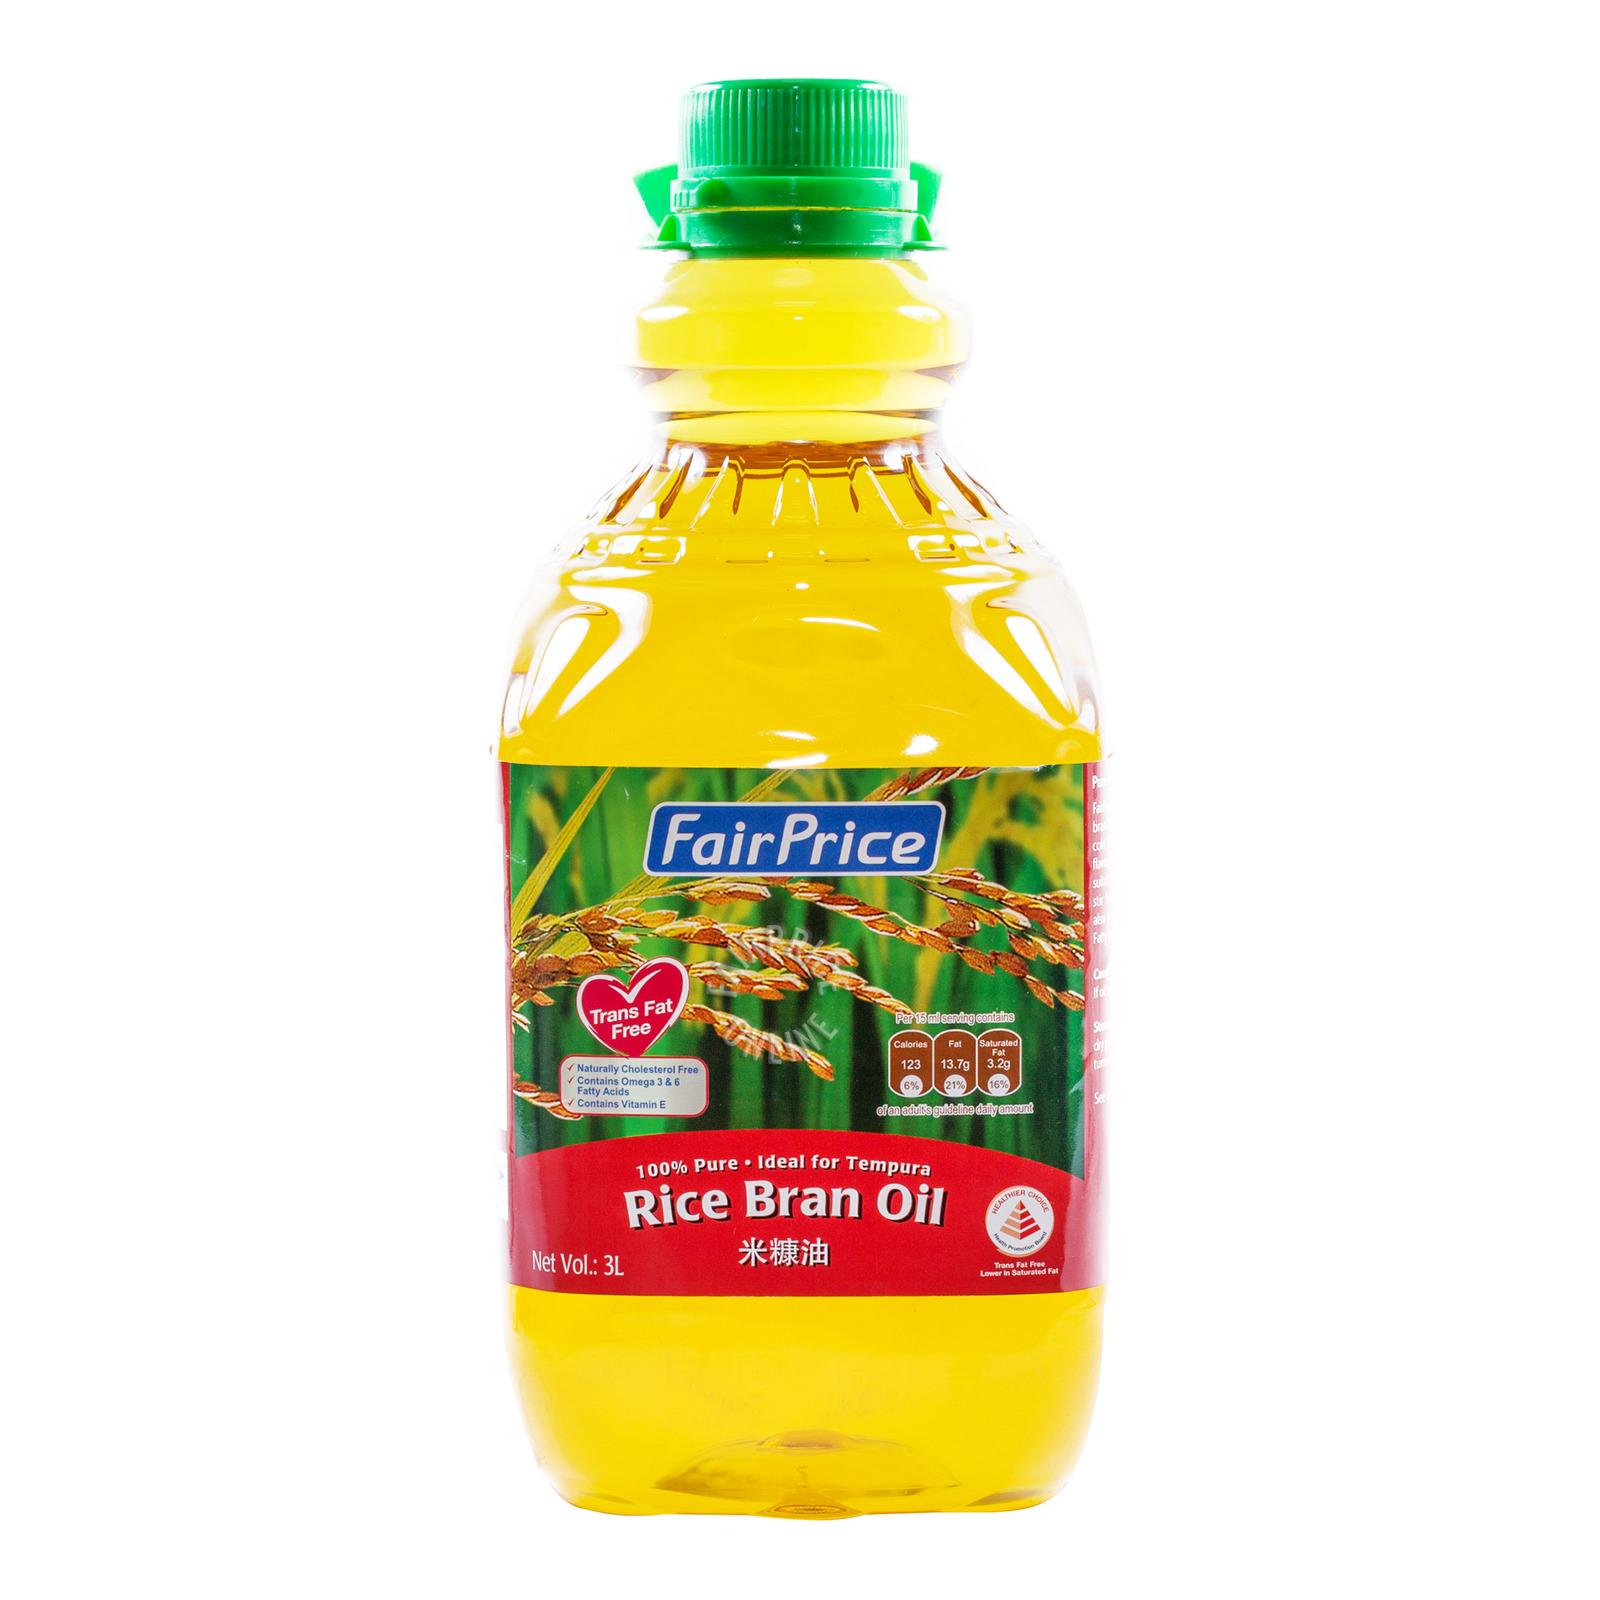 FairPrice Rice Bran Oil